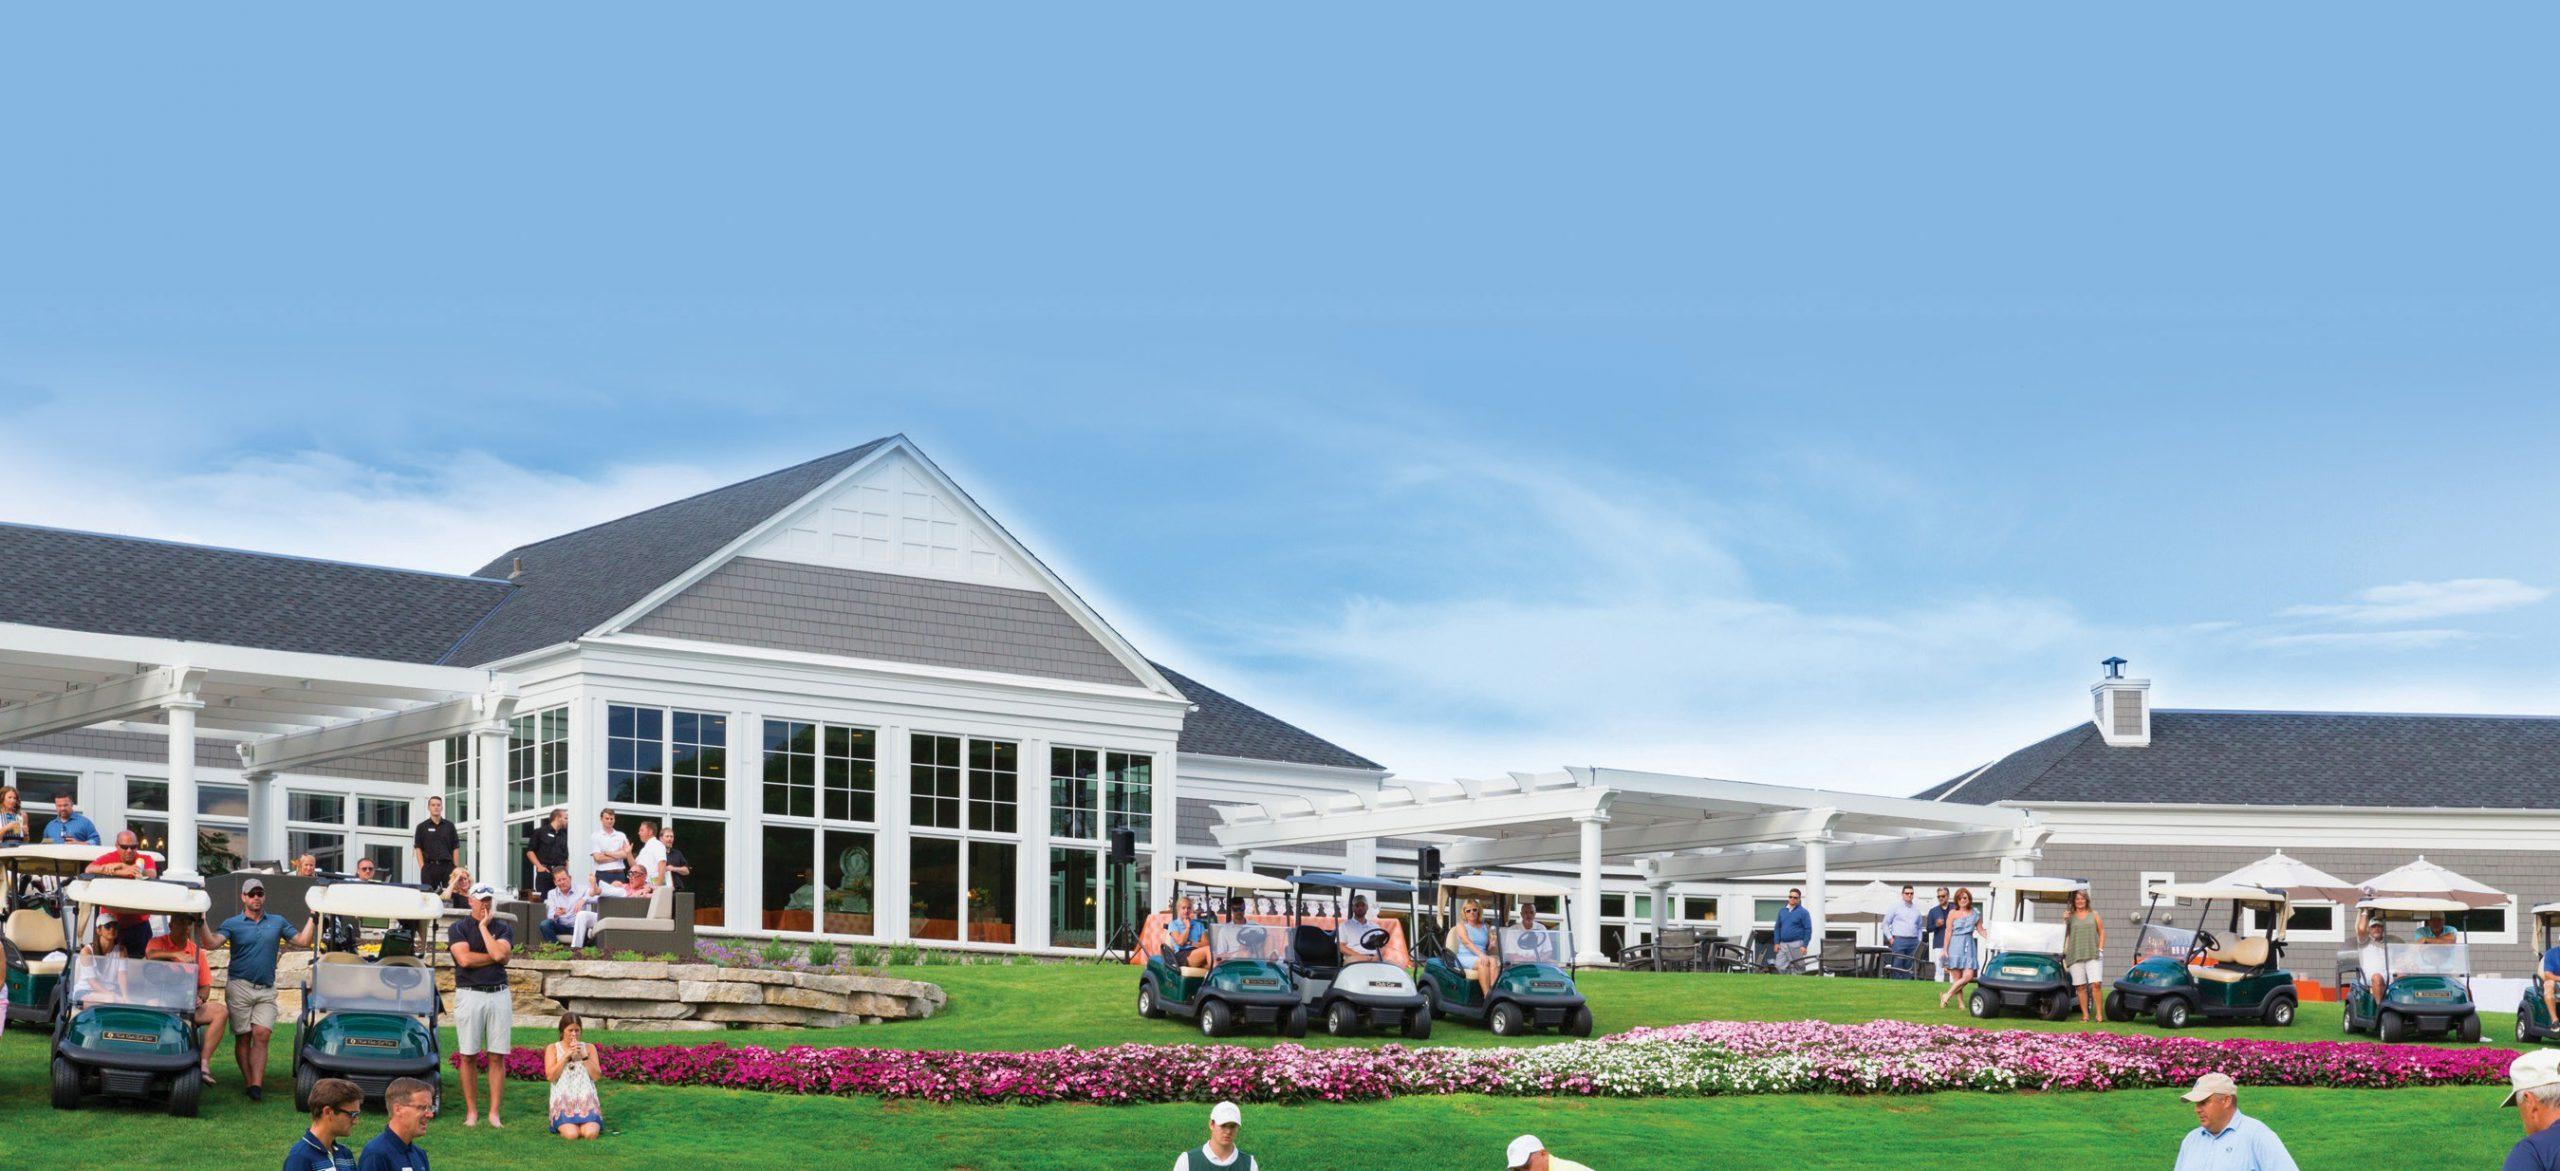 North Oaks Golf Club